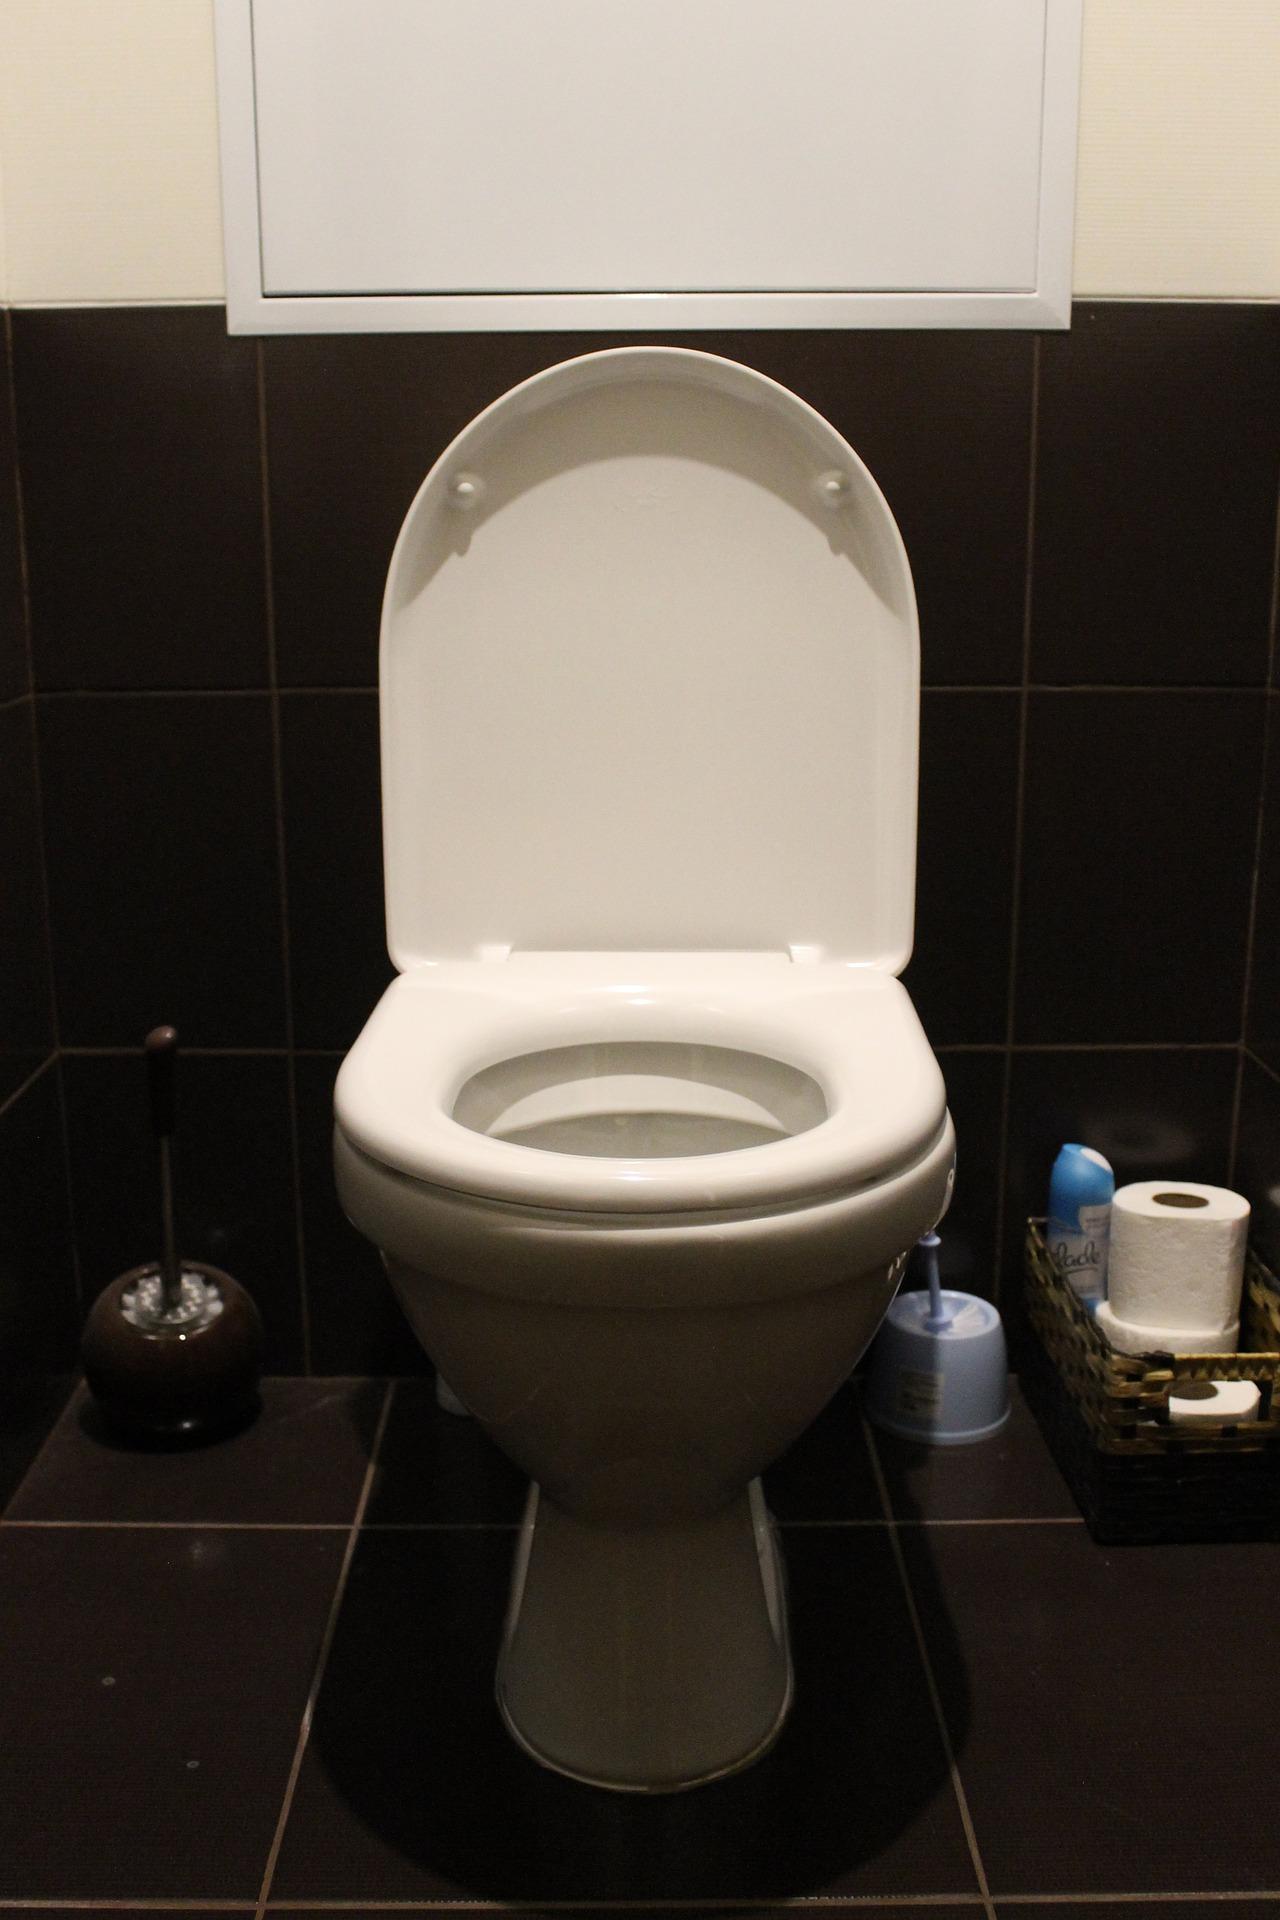 5.不常上廁所 沒空或忘記上廁所,會讓身體毒素增加,進而影響代謝功能。憋尿的時候,大量的毒素和脂肪就會積在腰、肚子、大腿,讓這3個部位變得更胖。